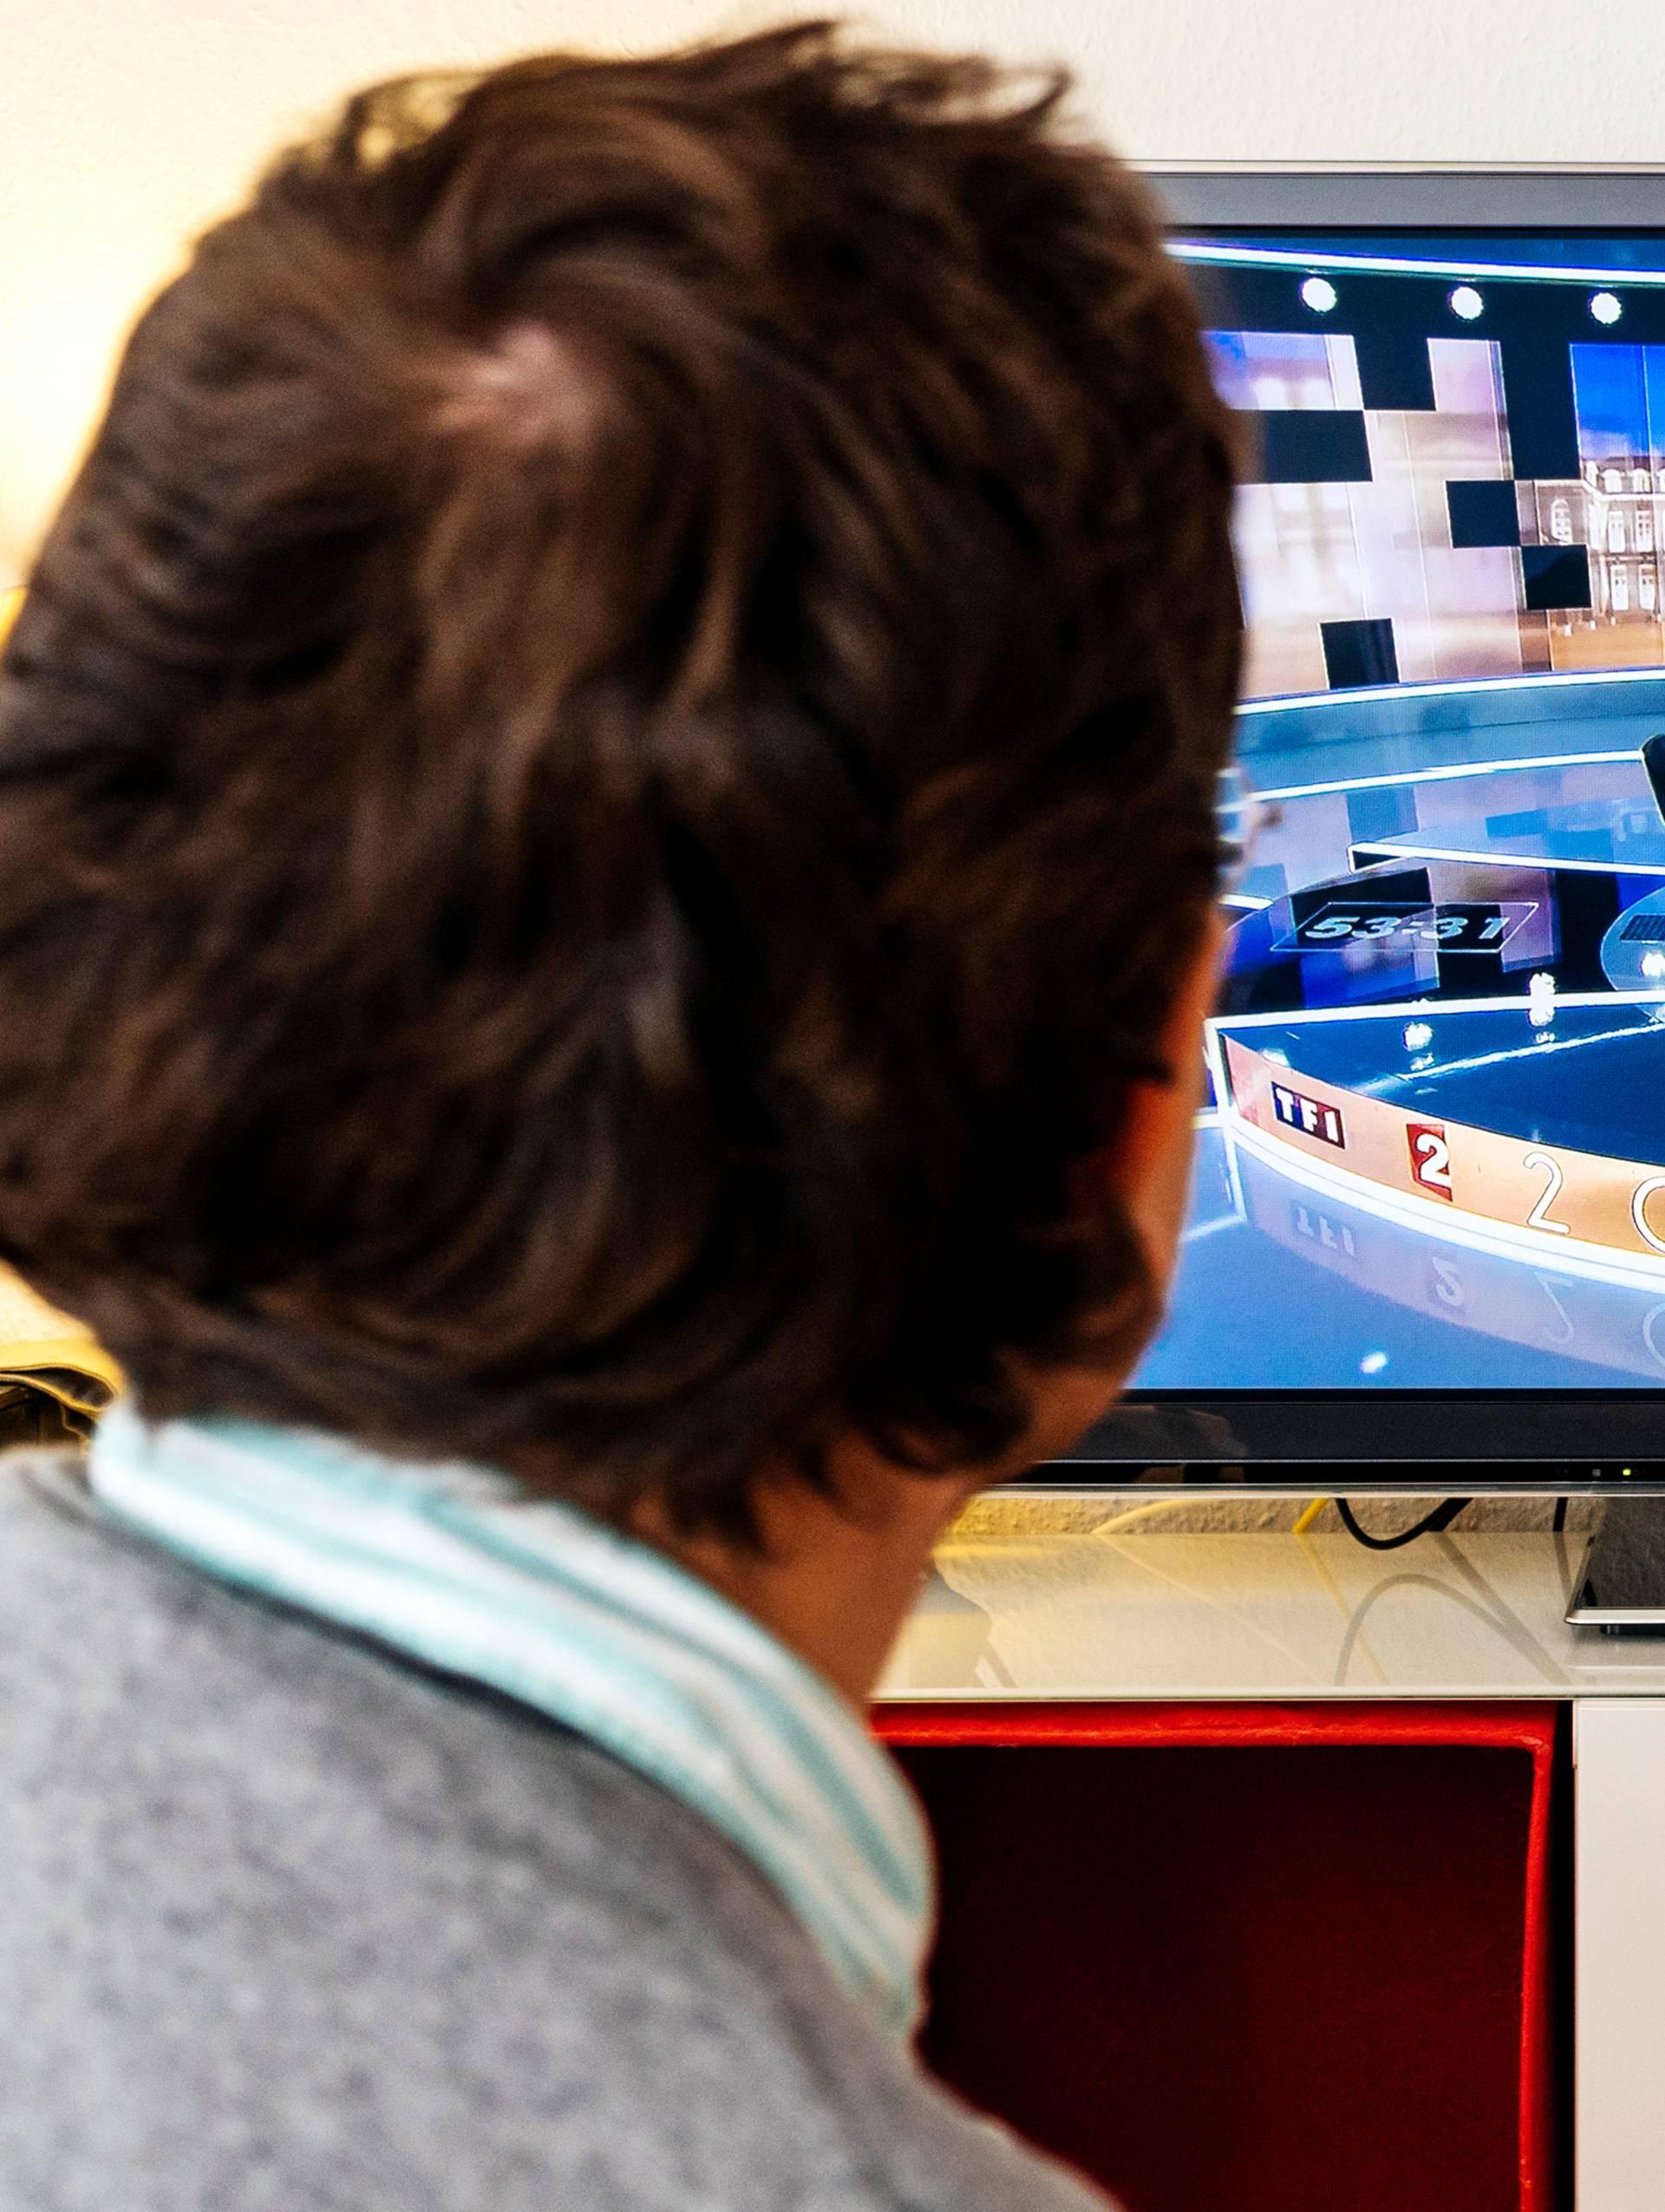 Želite kupiti novi televizor? Na ove oznake morat ćete paziti